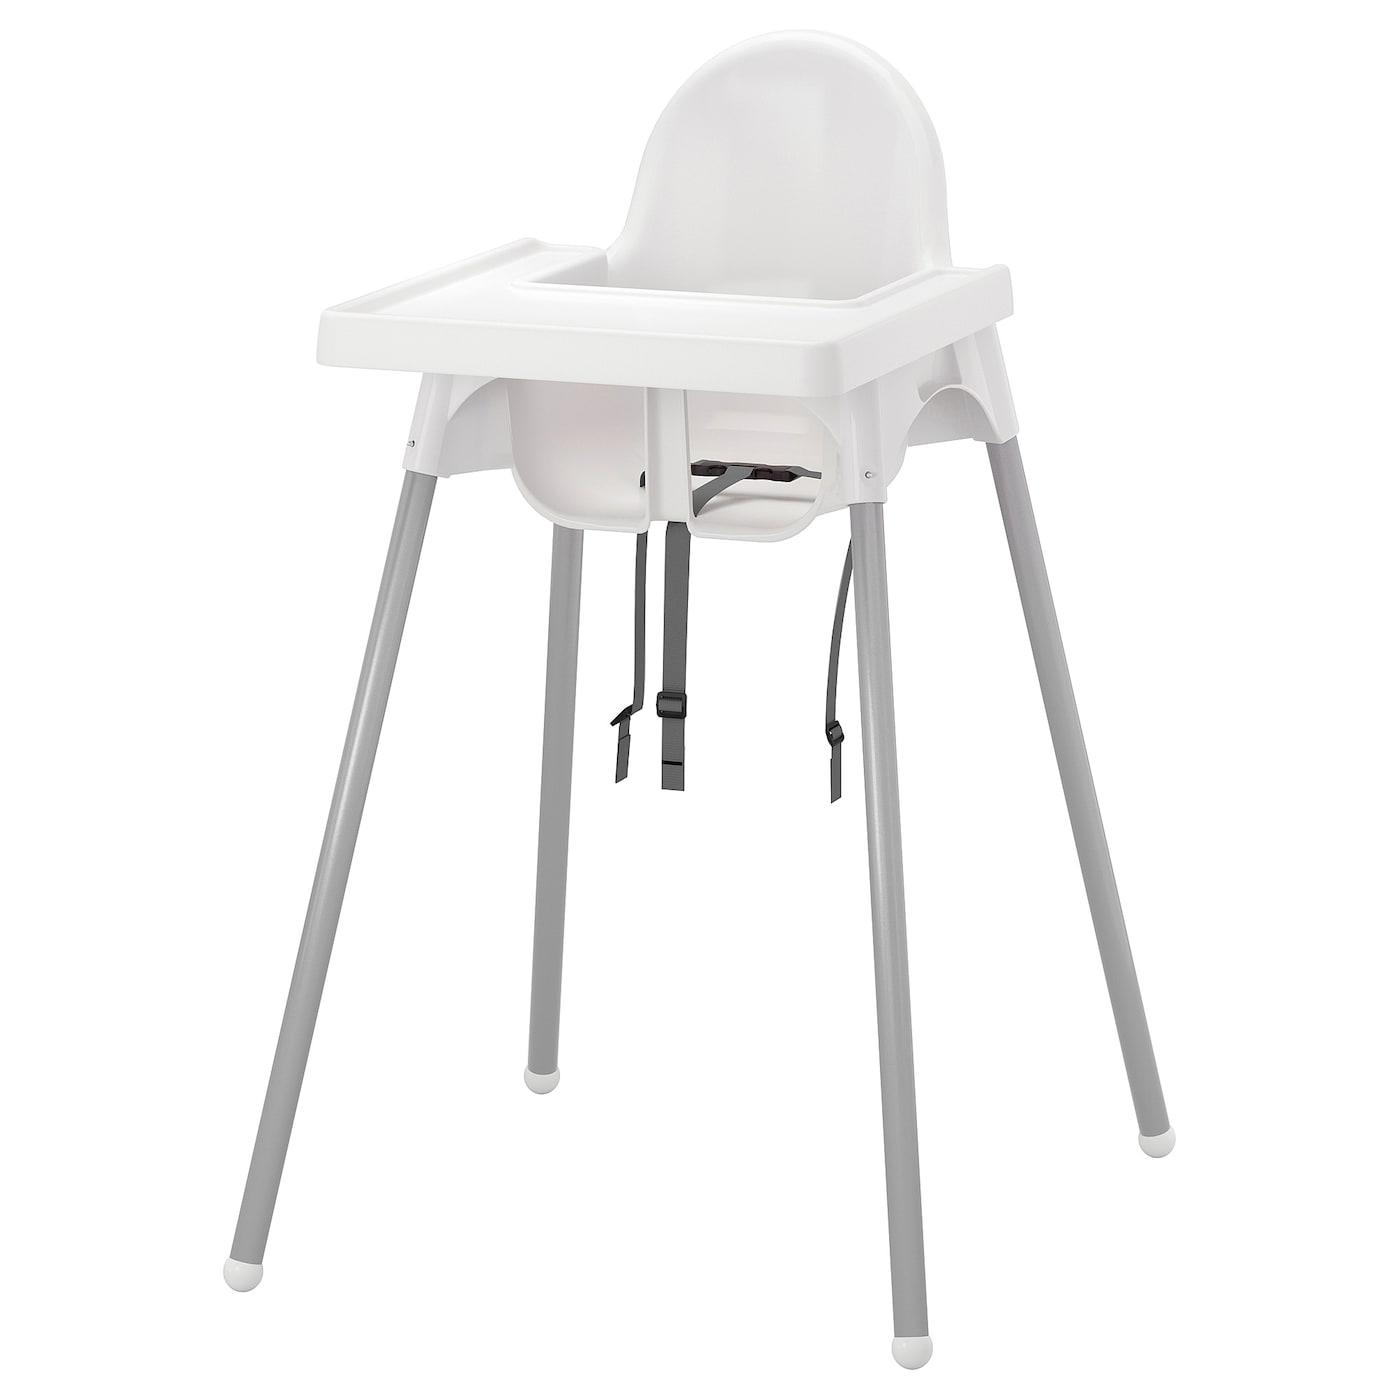 Comment Nettoyer Des Chaises En Plastique Blanc antilop chaise haute avec plateau - blanc gris argent, gris argent